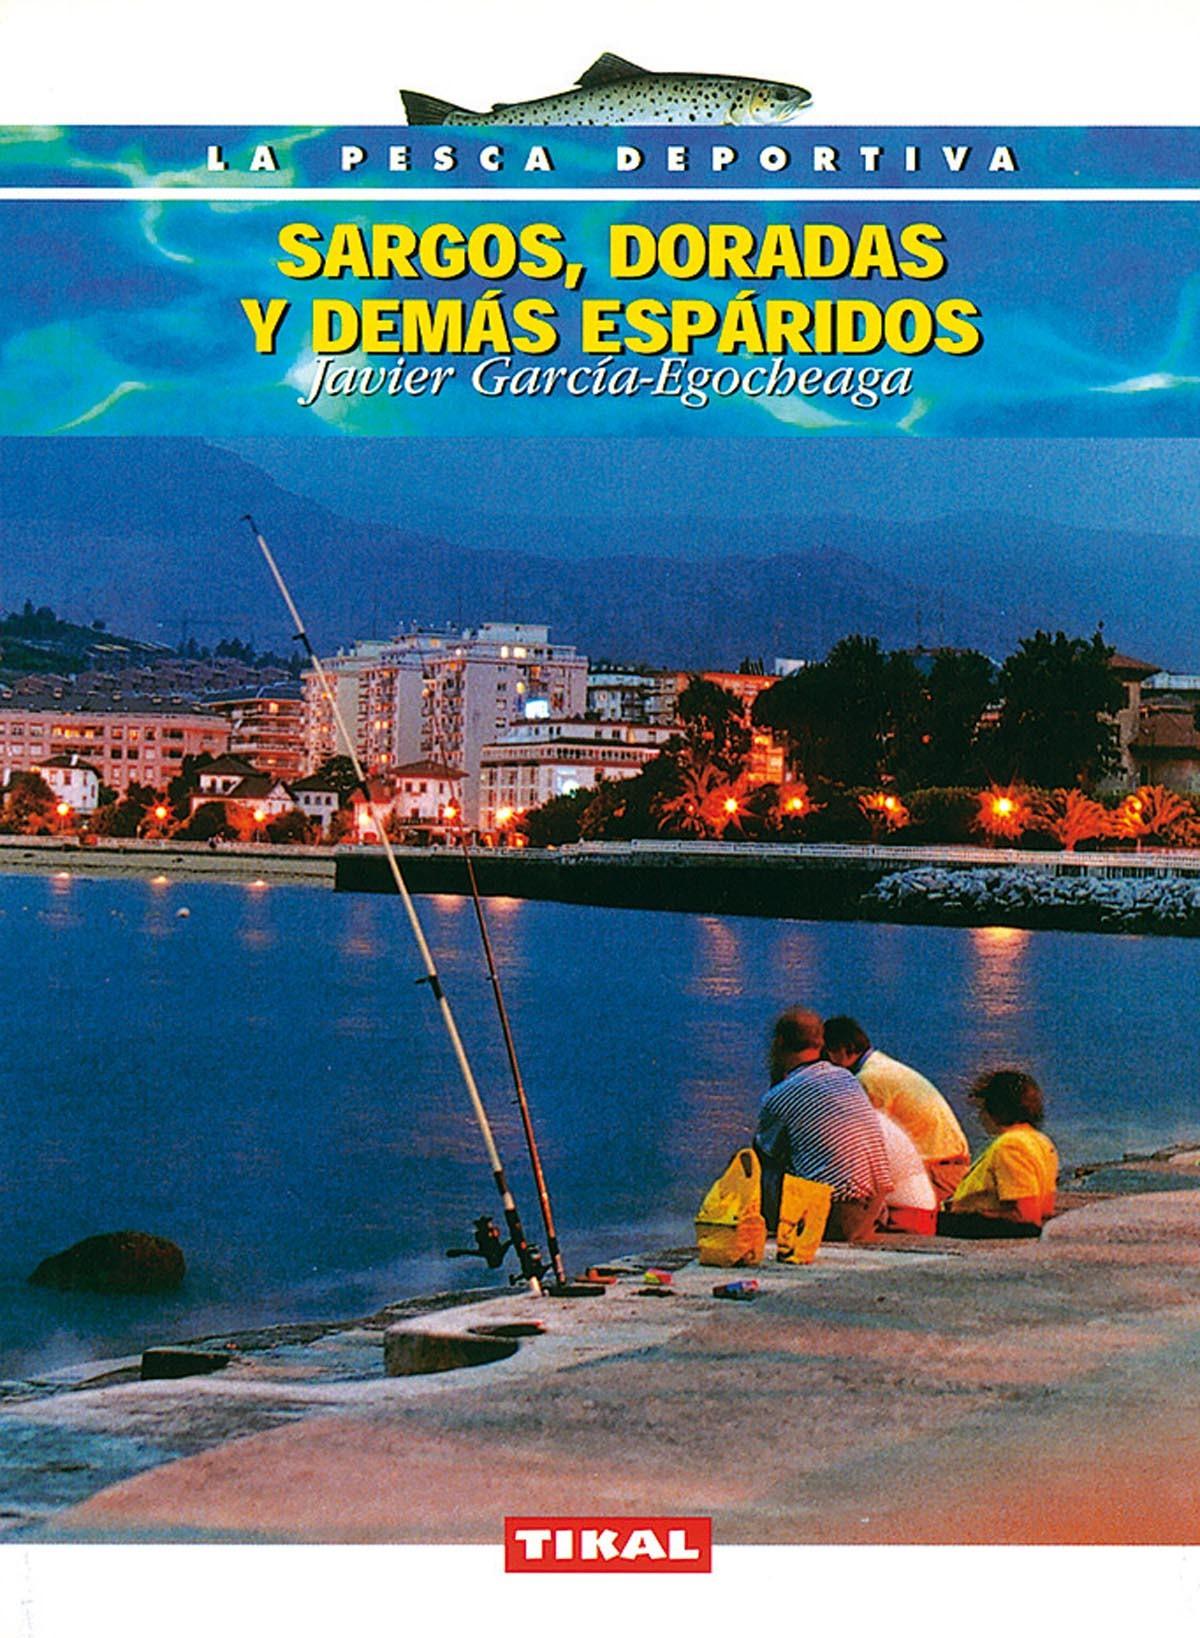 SARGOS, DORADAS Y DEMAS ESPARIDOS